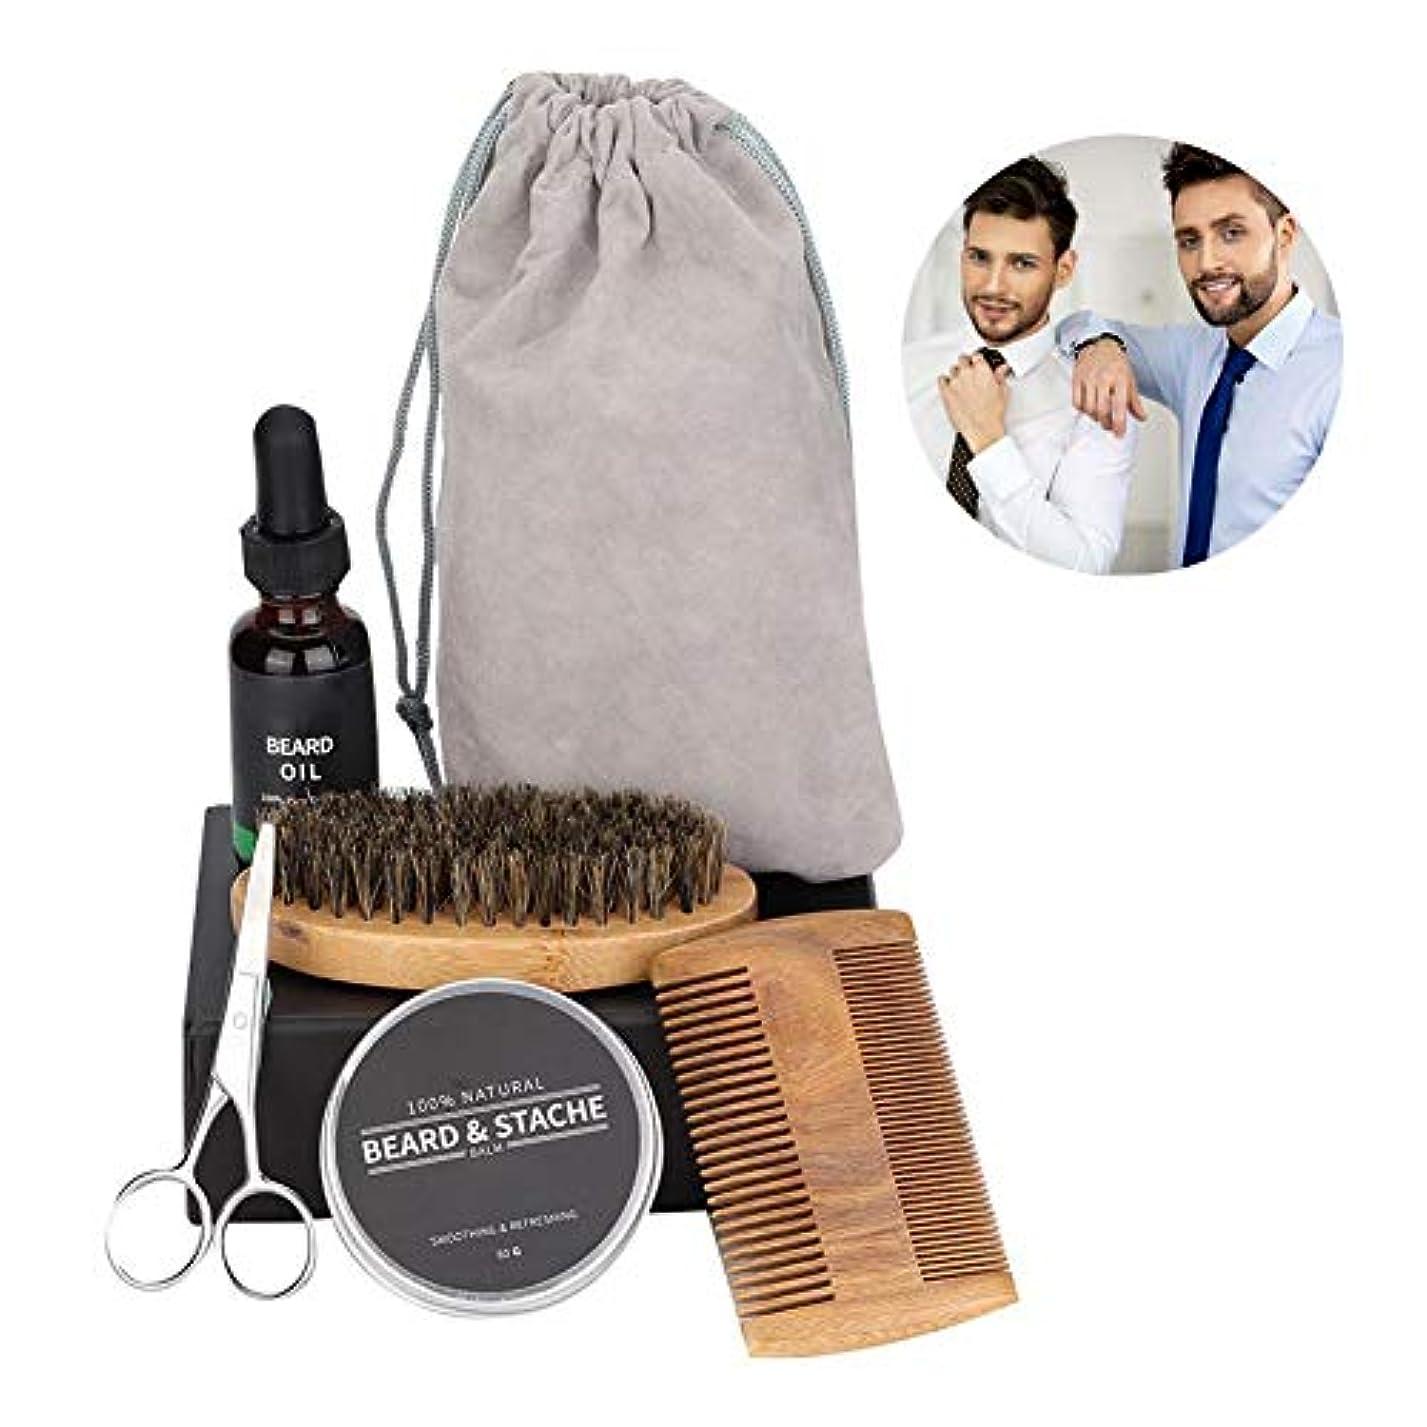 ユダヤ人協力アレキサンダーグラハムベル髭手入れキット、髭手入れキットを含む男性または父親のための髭成長手入れおよびトリミングキット、髭オイル、髭ケアバーム、櫛、はさみ、ブラシ、収納袋